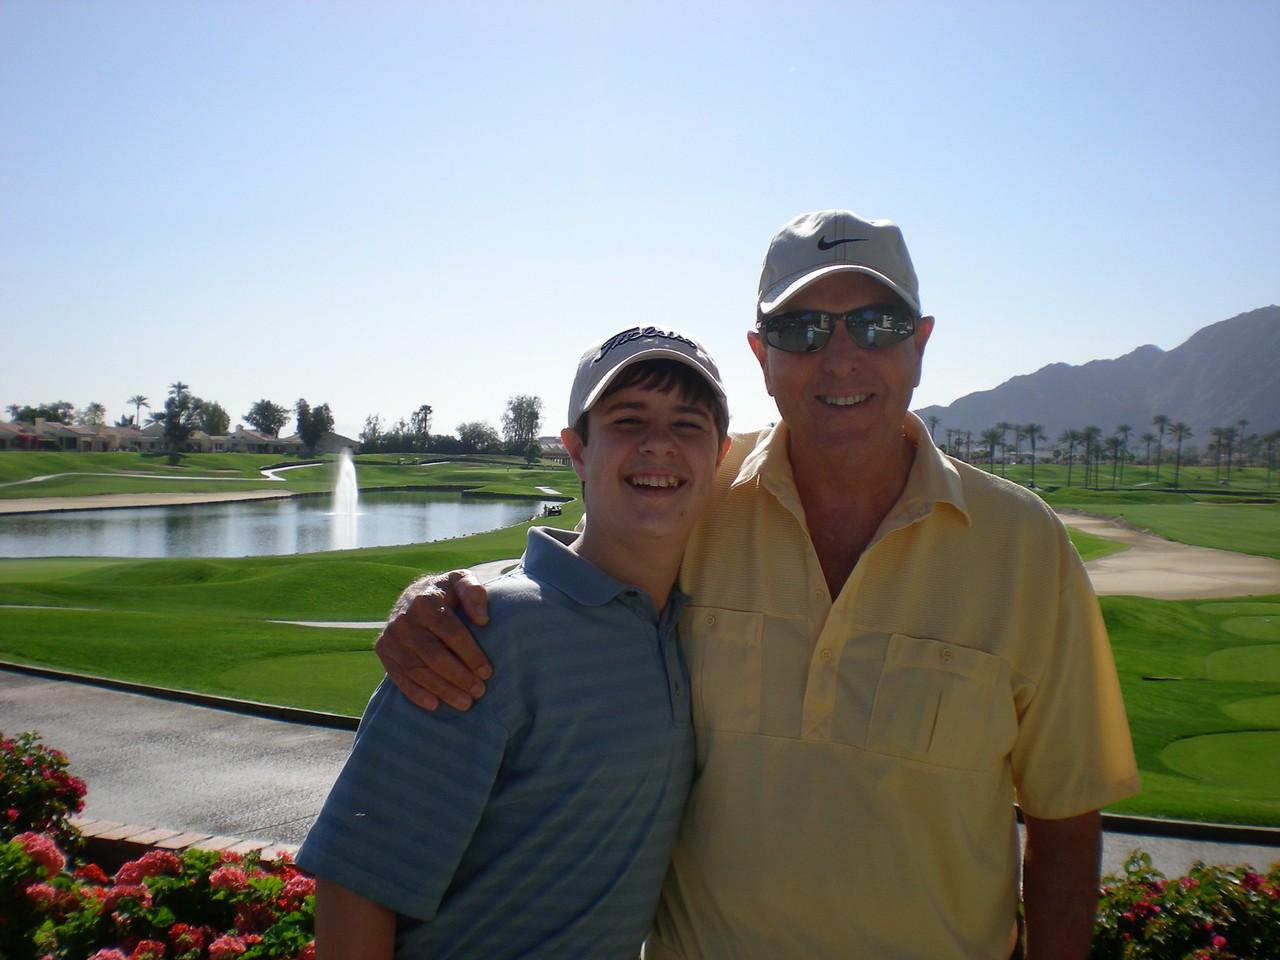 Tom & Paul playing golf at La Quinta